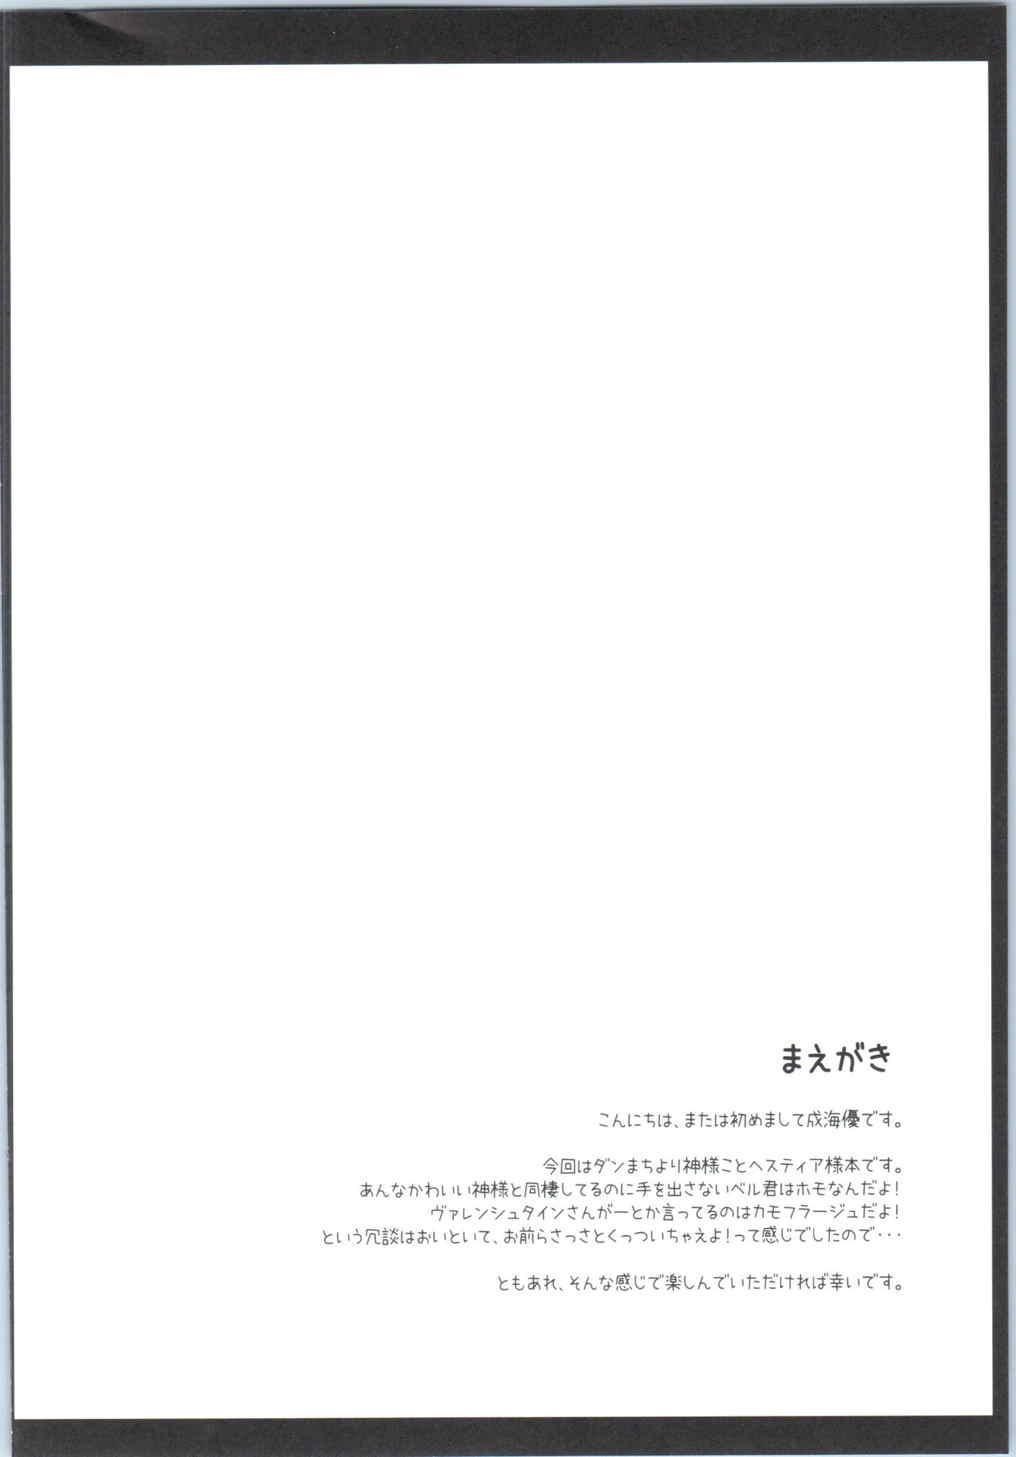 Koushite Boku wa Mijika na Shiawase o Eranda no deshita 2